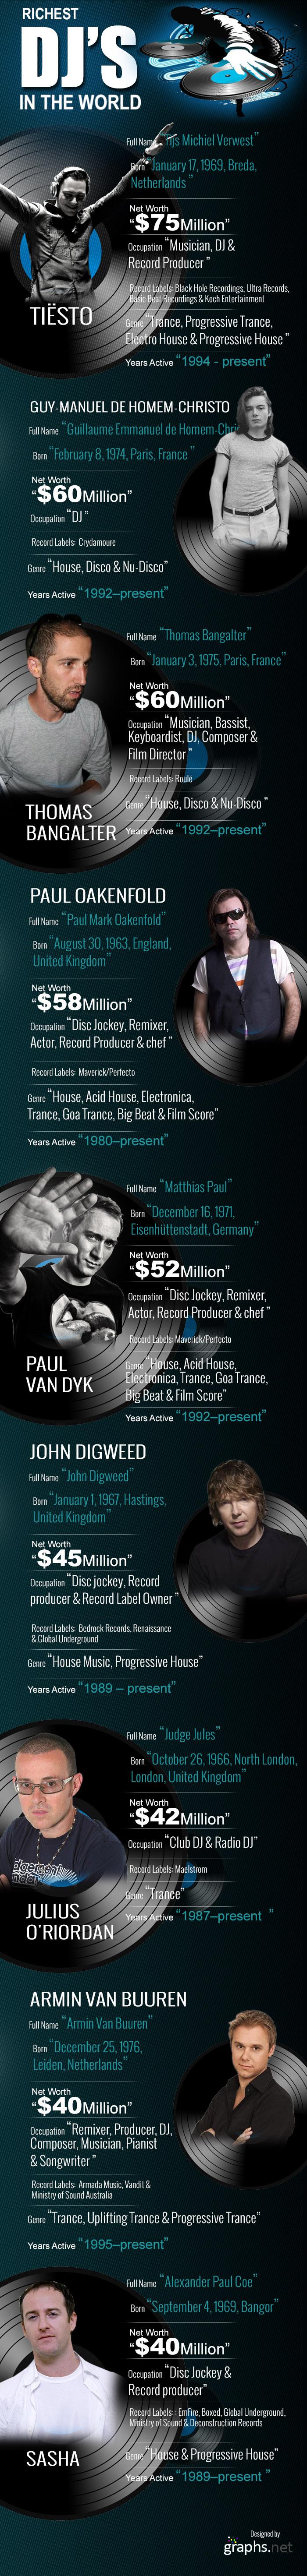 Richest DJs in the World